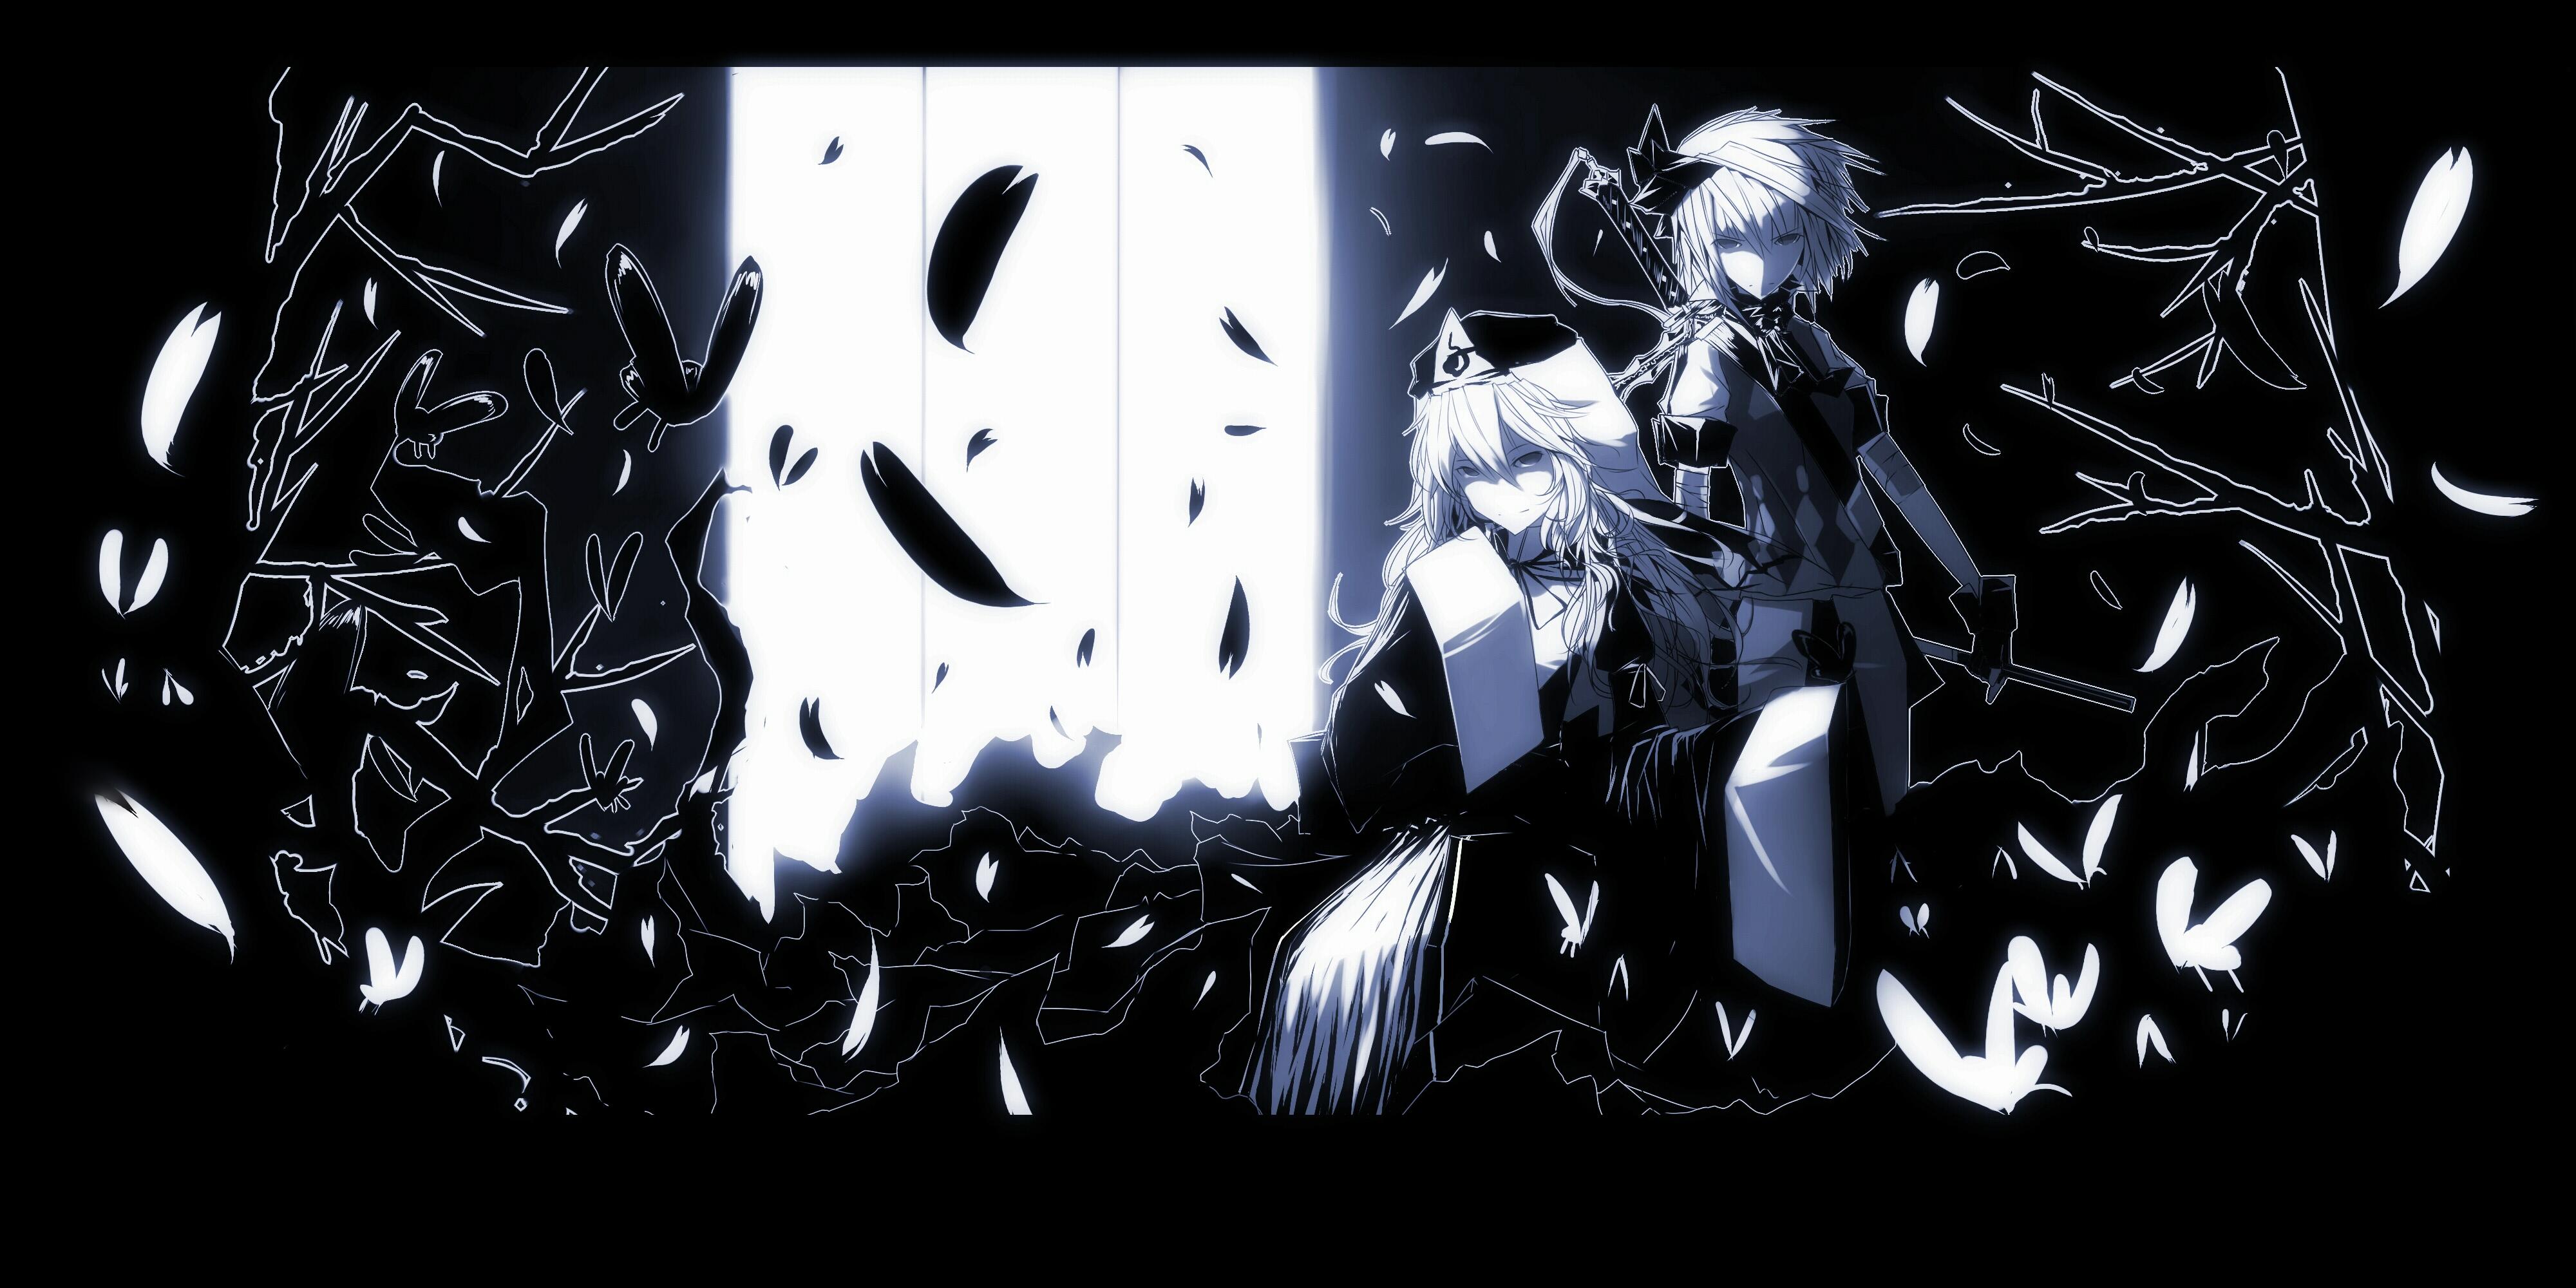 Youmu Konpaku Touhouvania Koumajou Densetsu/#525...